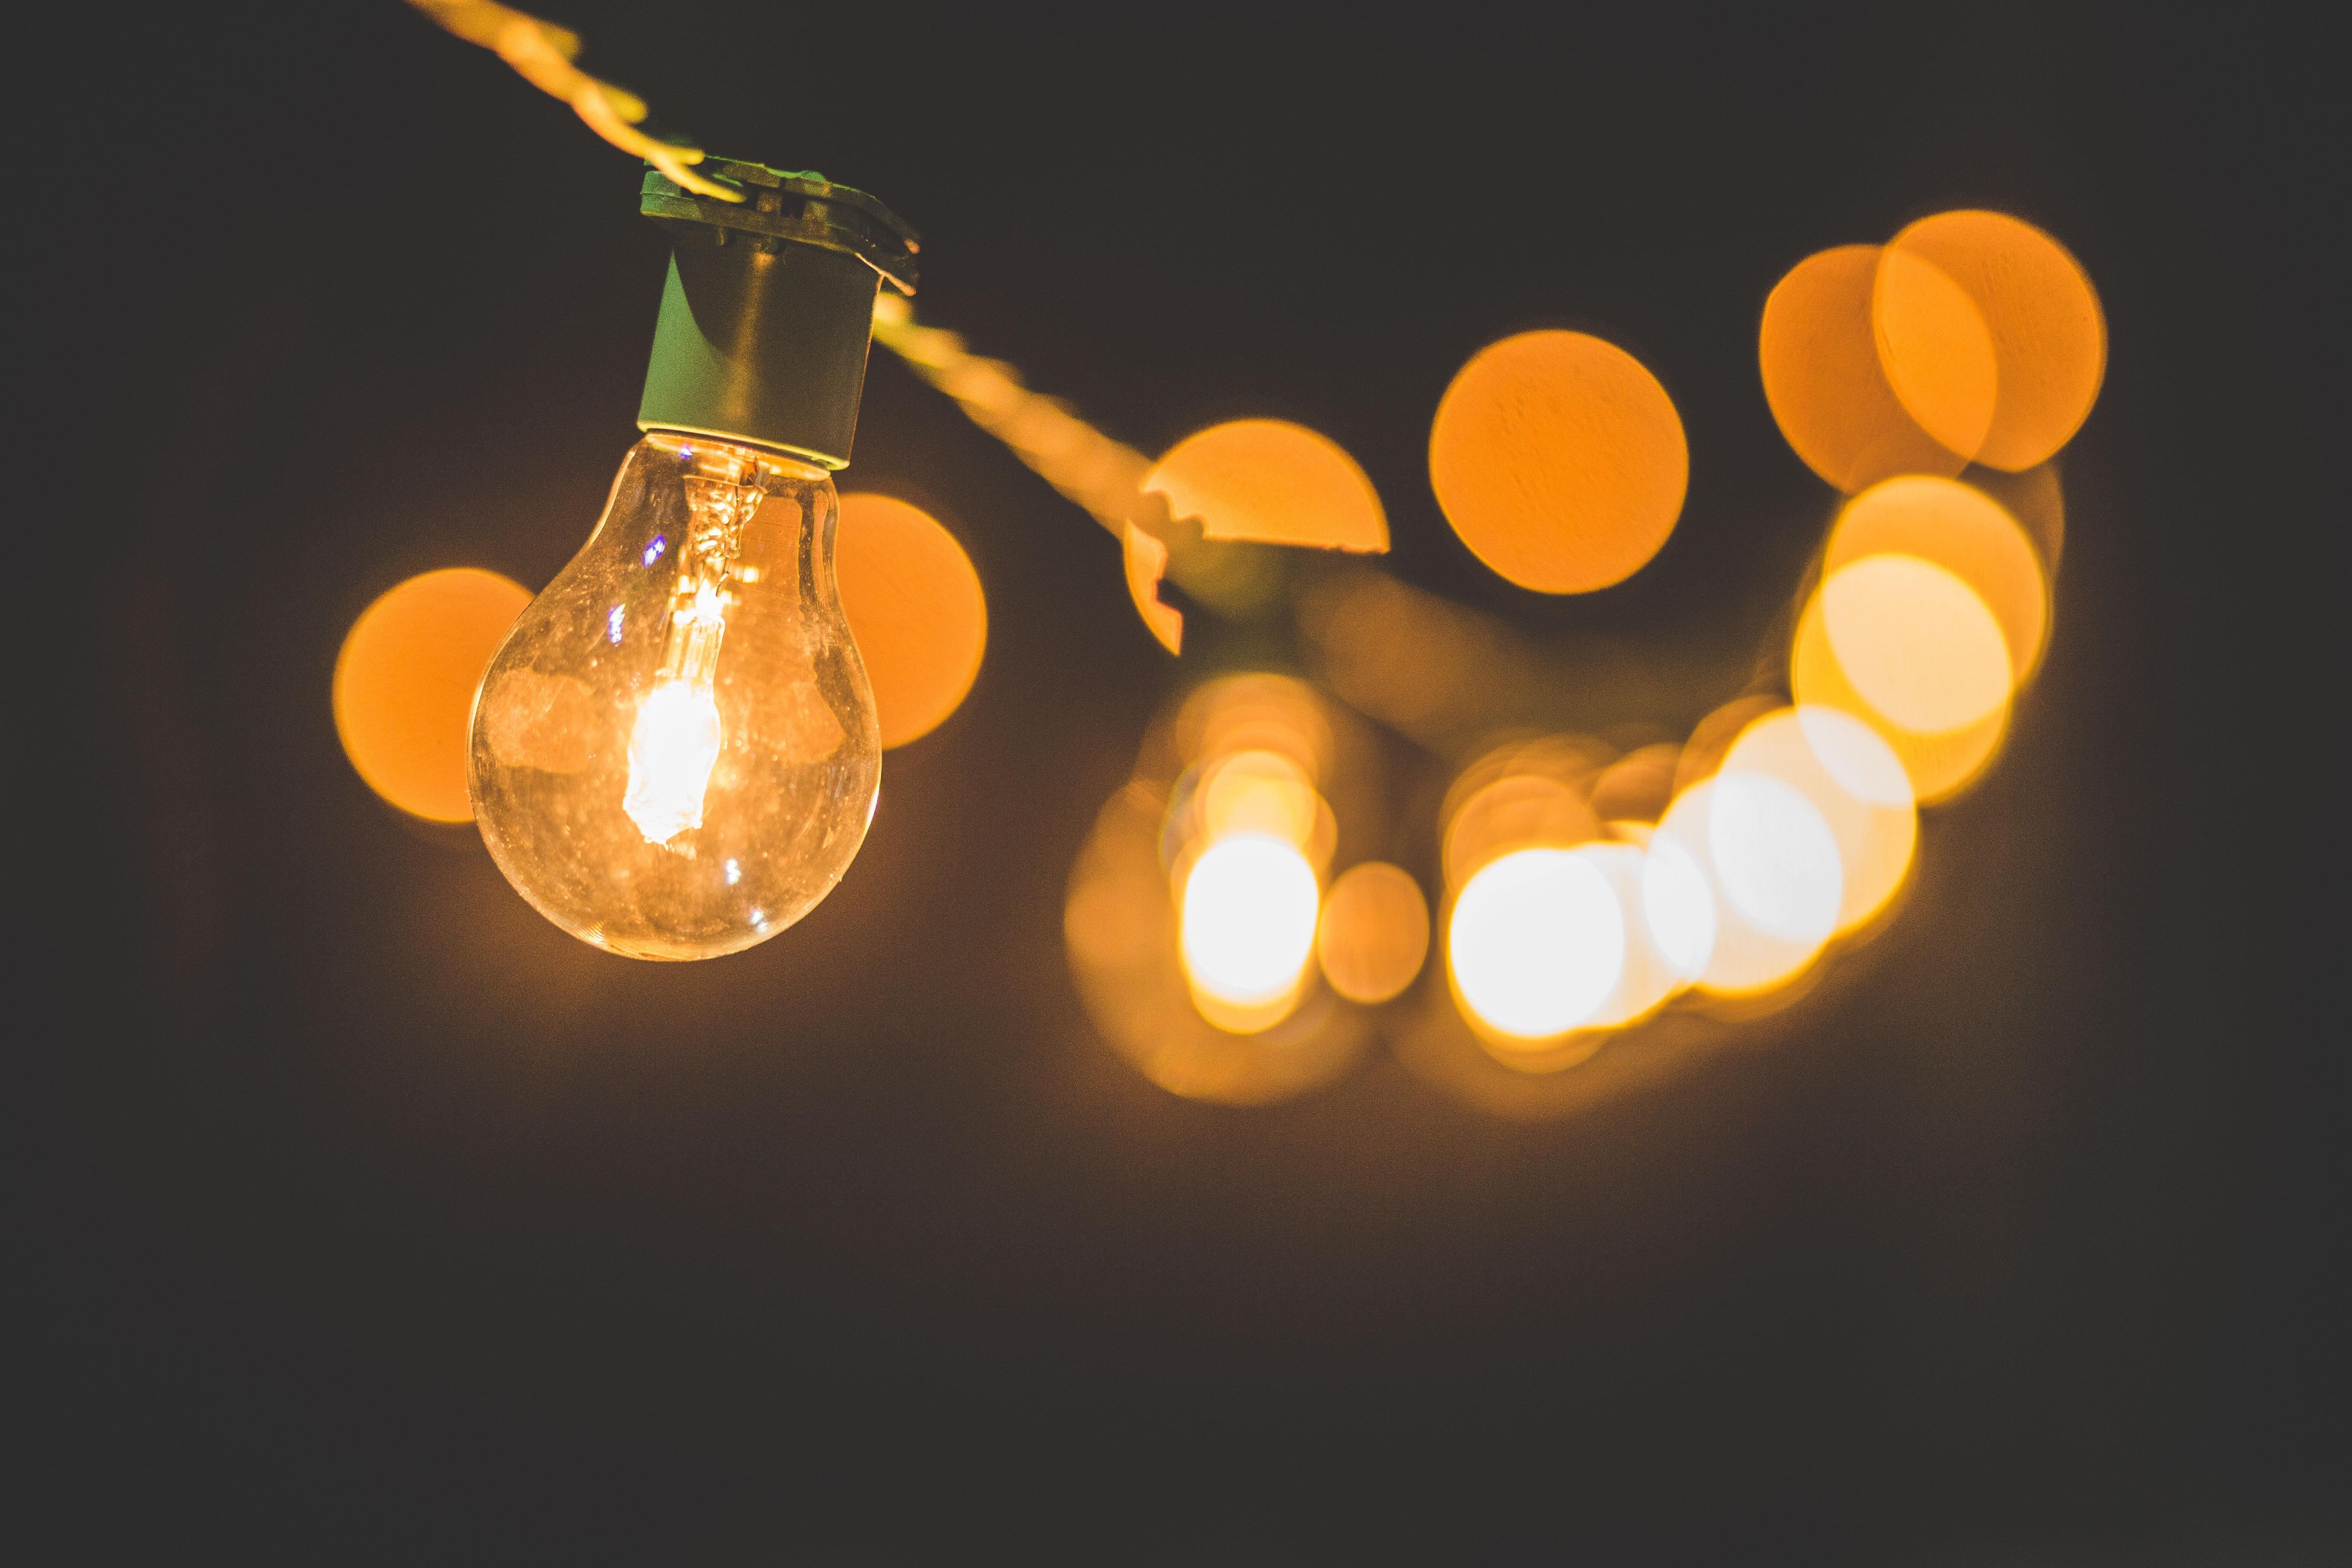 Lightbulb on a string